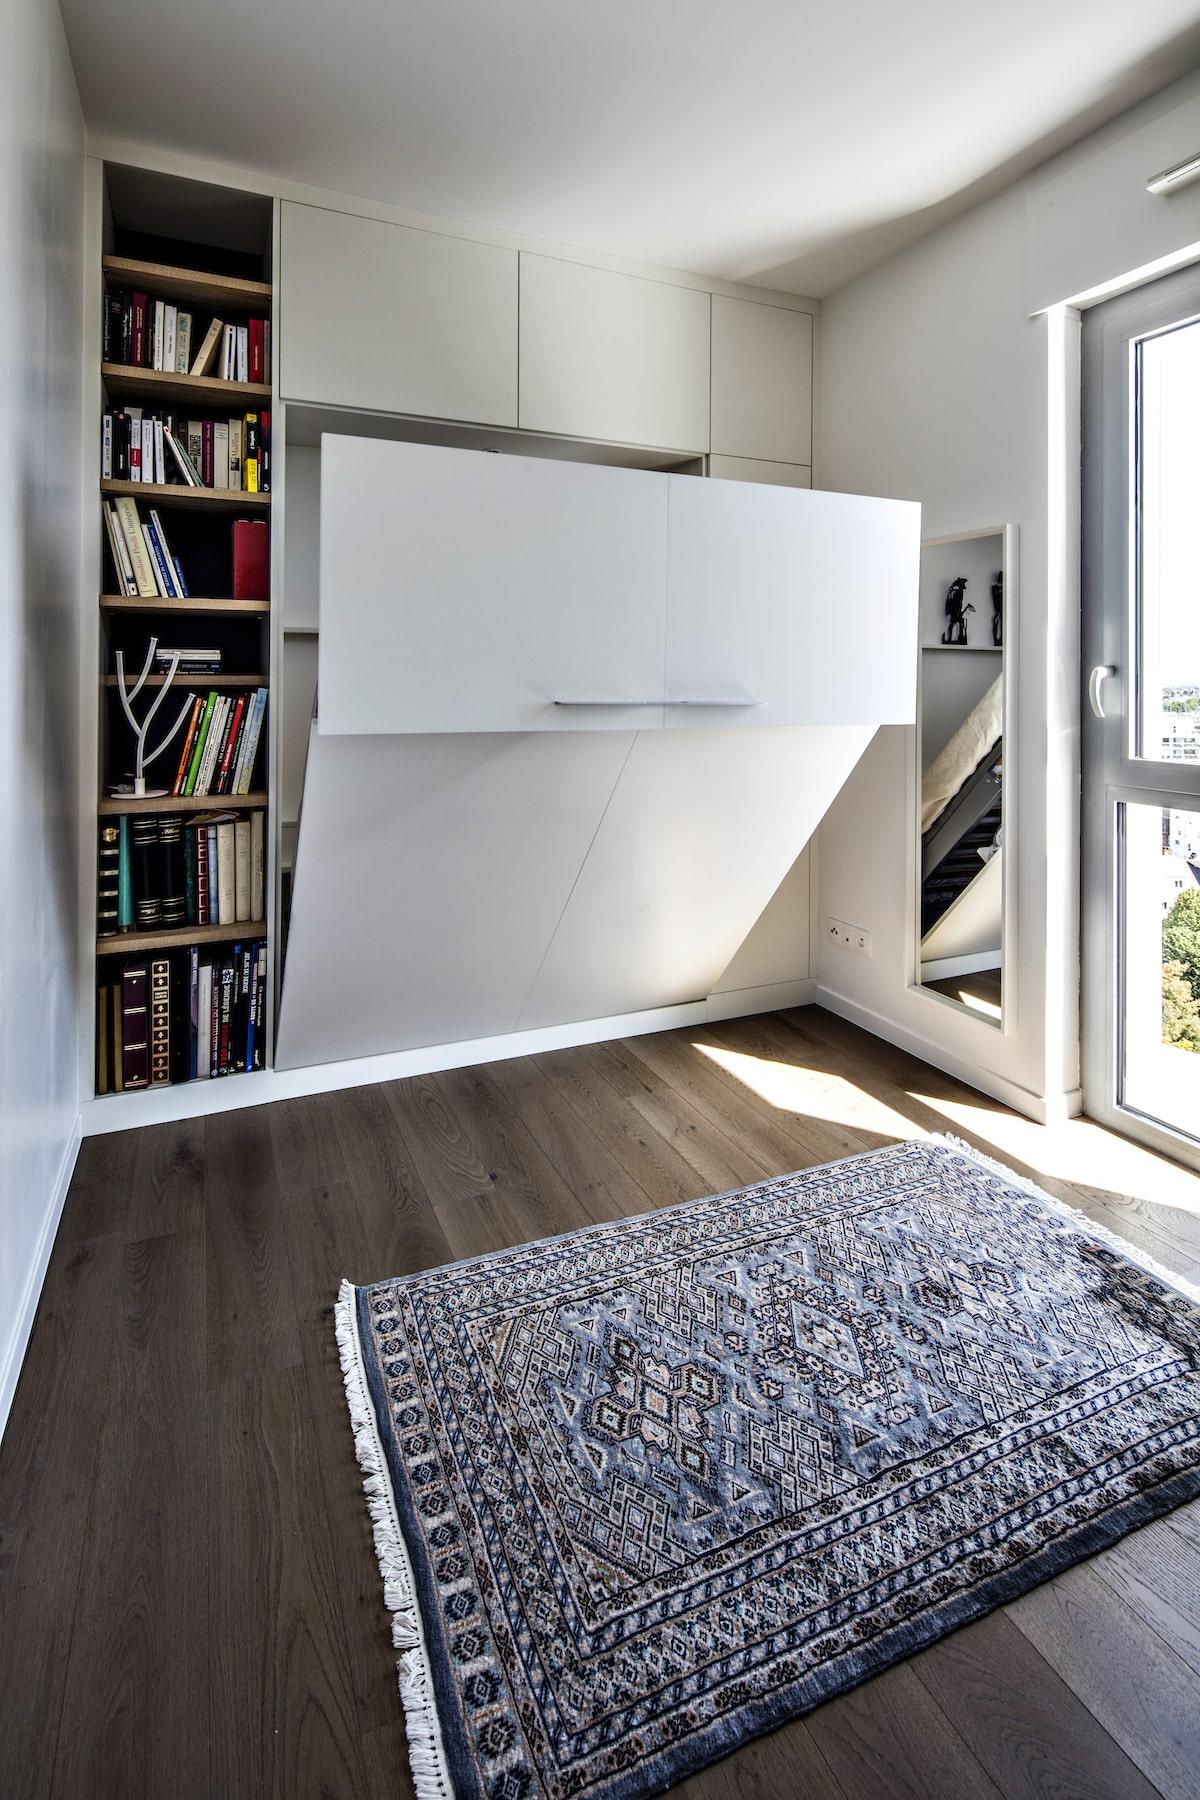 lit rabattable avec colonne d'étagères